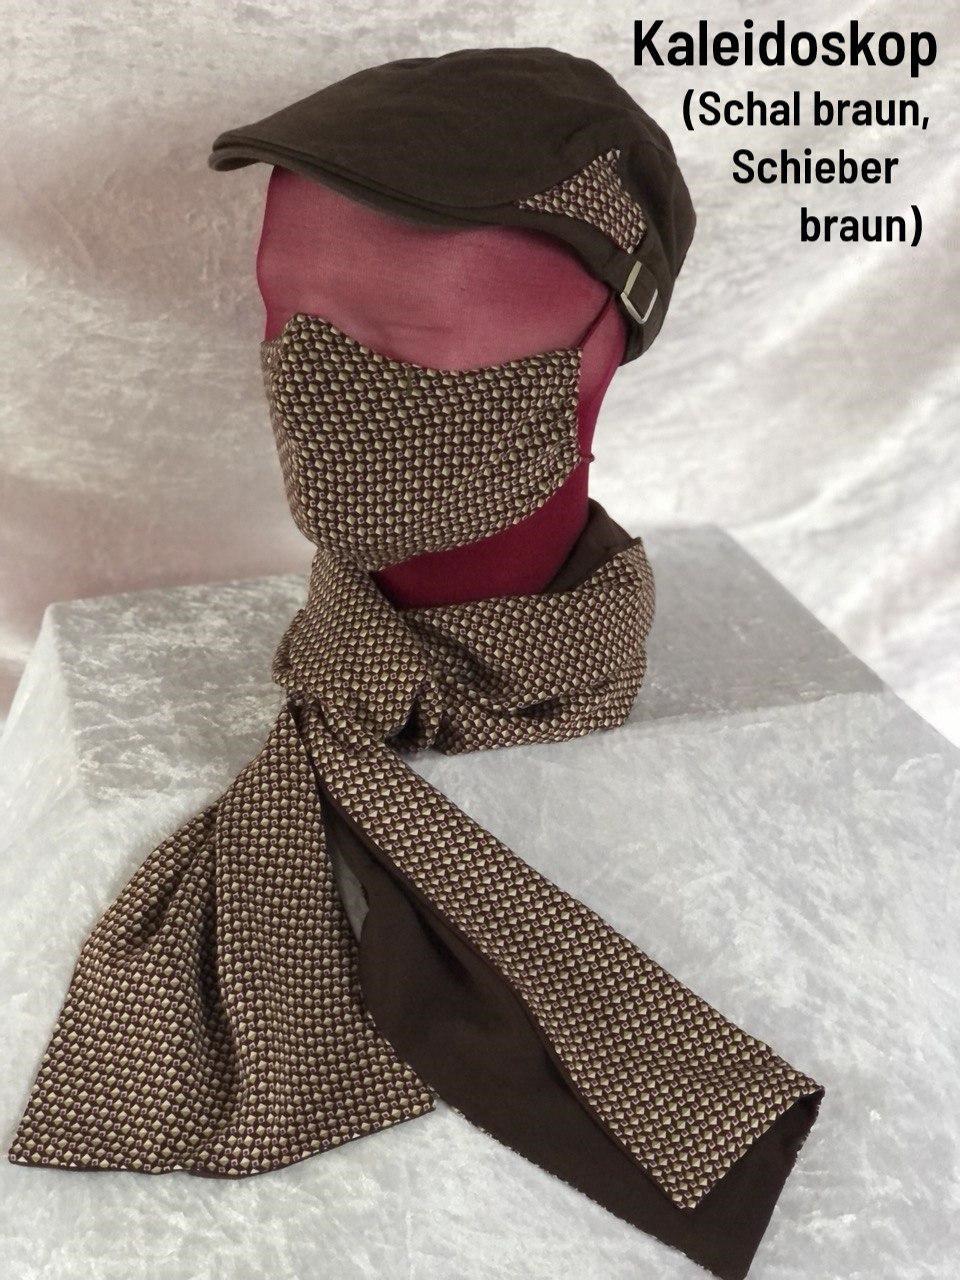 B5 - Maske + Schal braun + Schieber braun